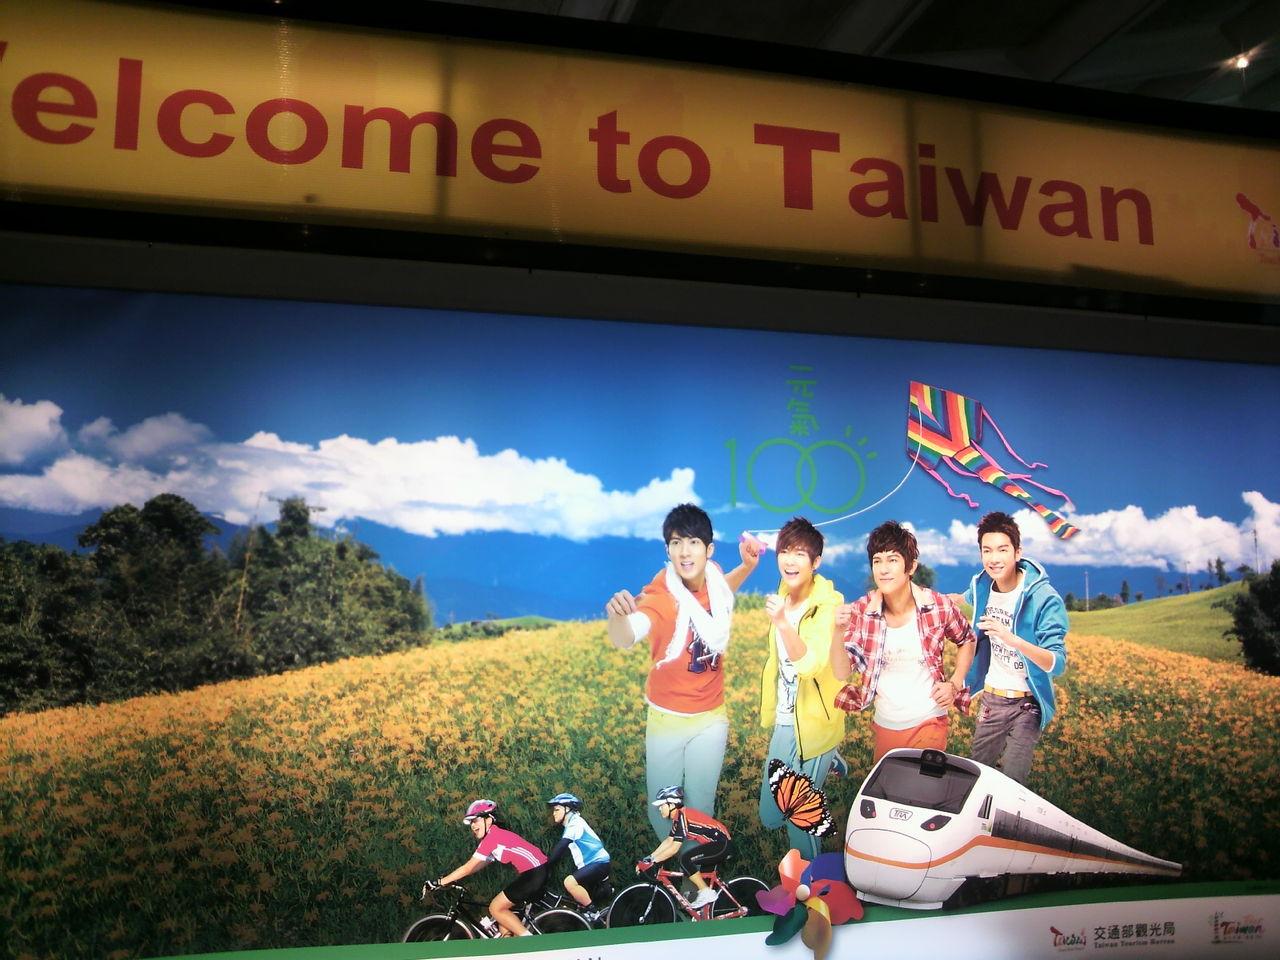 welcom to taiwan